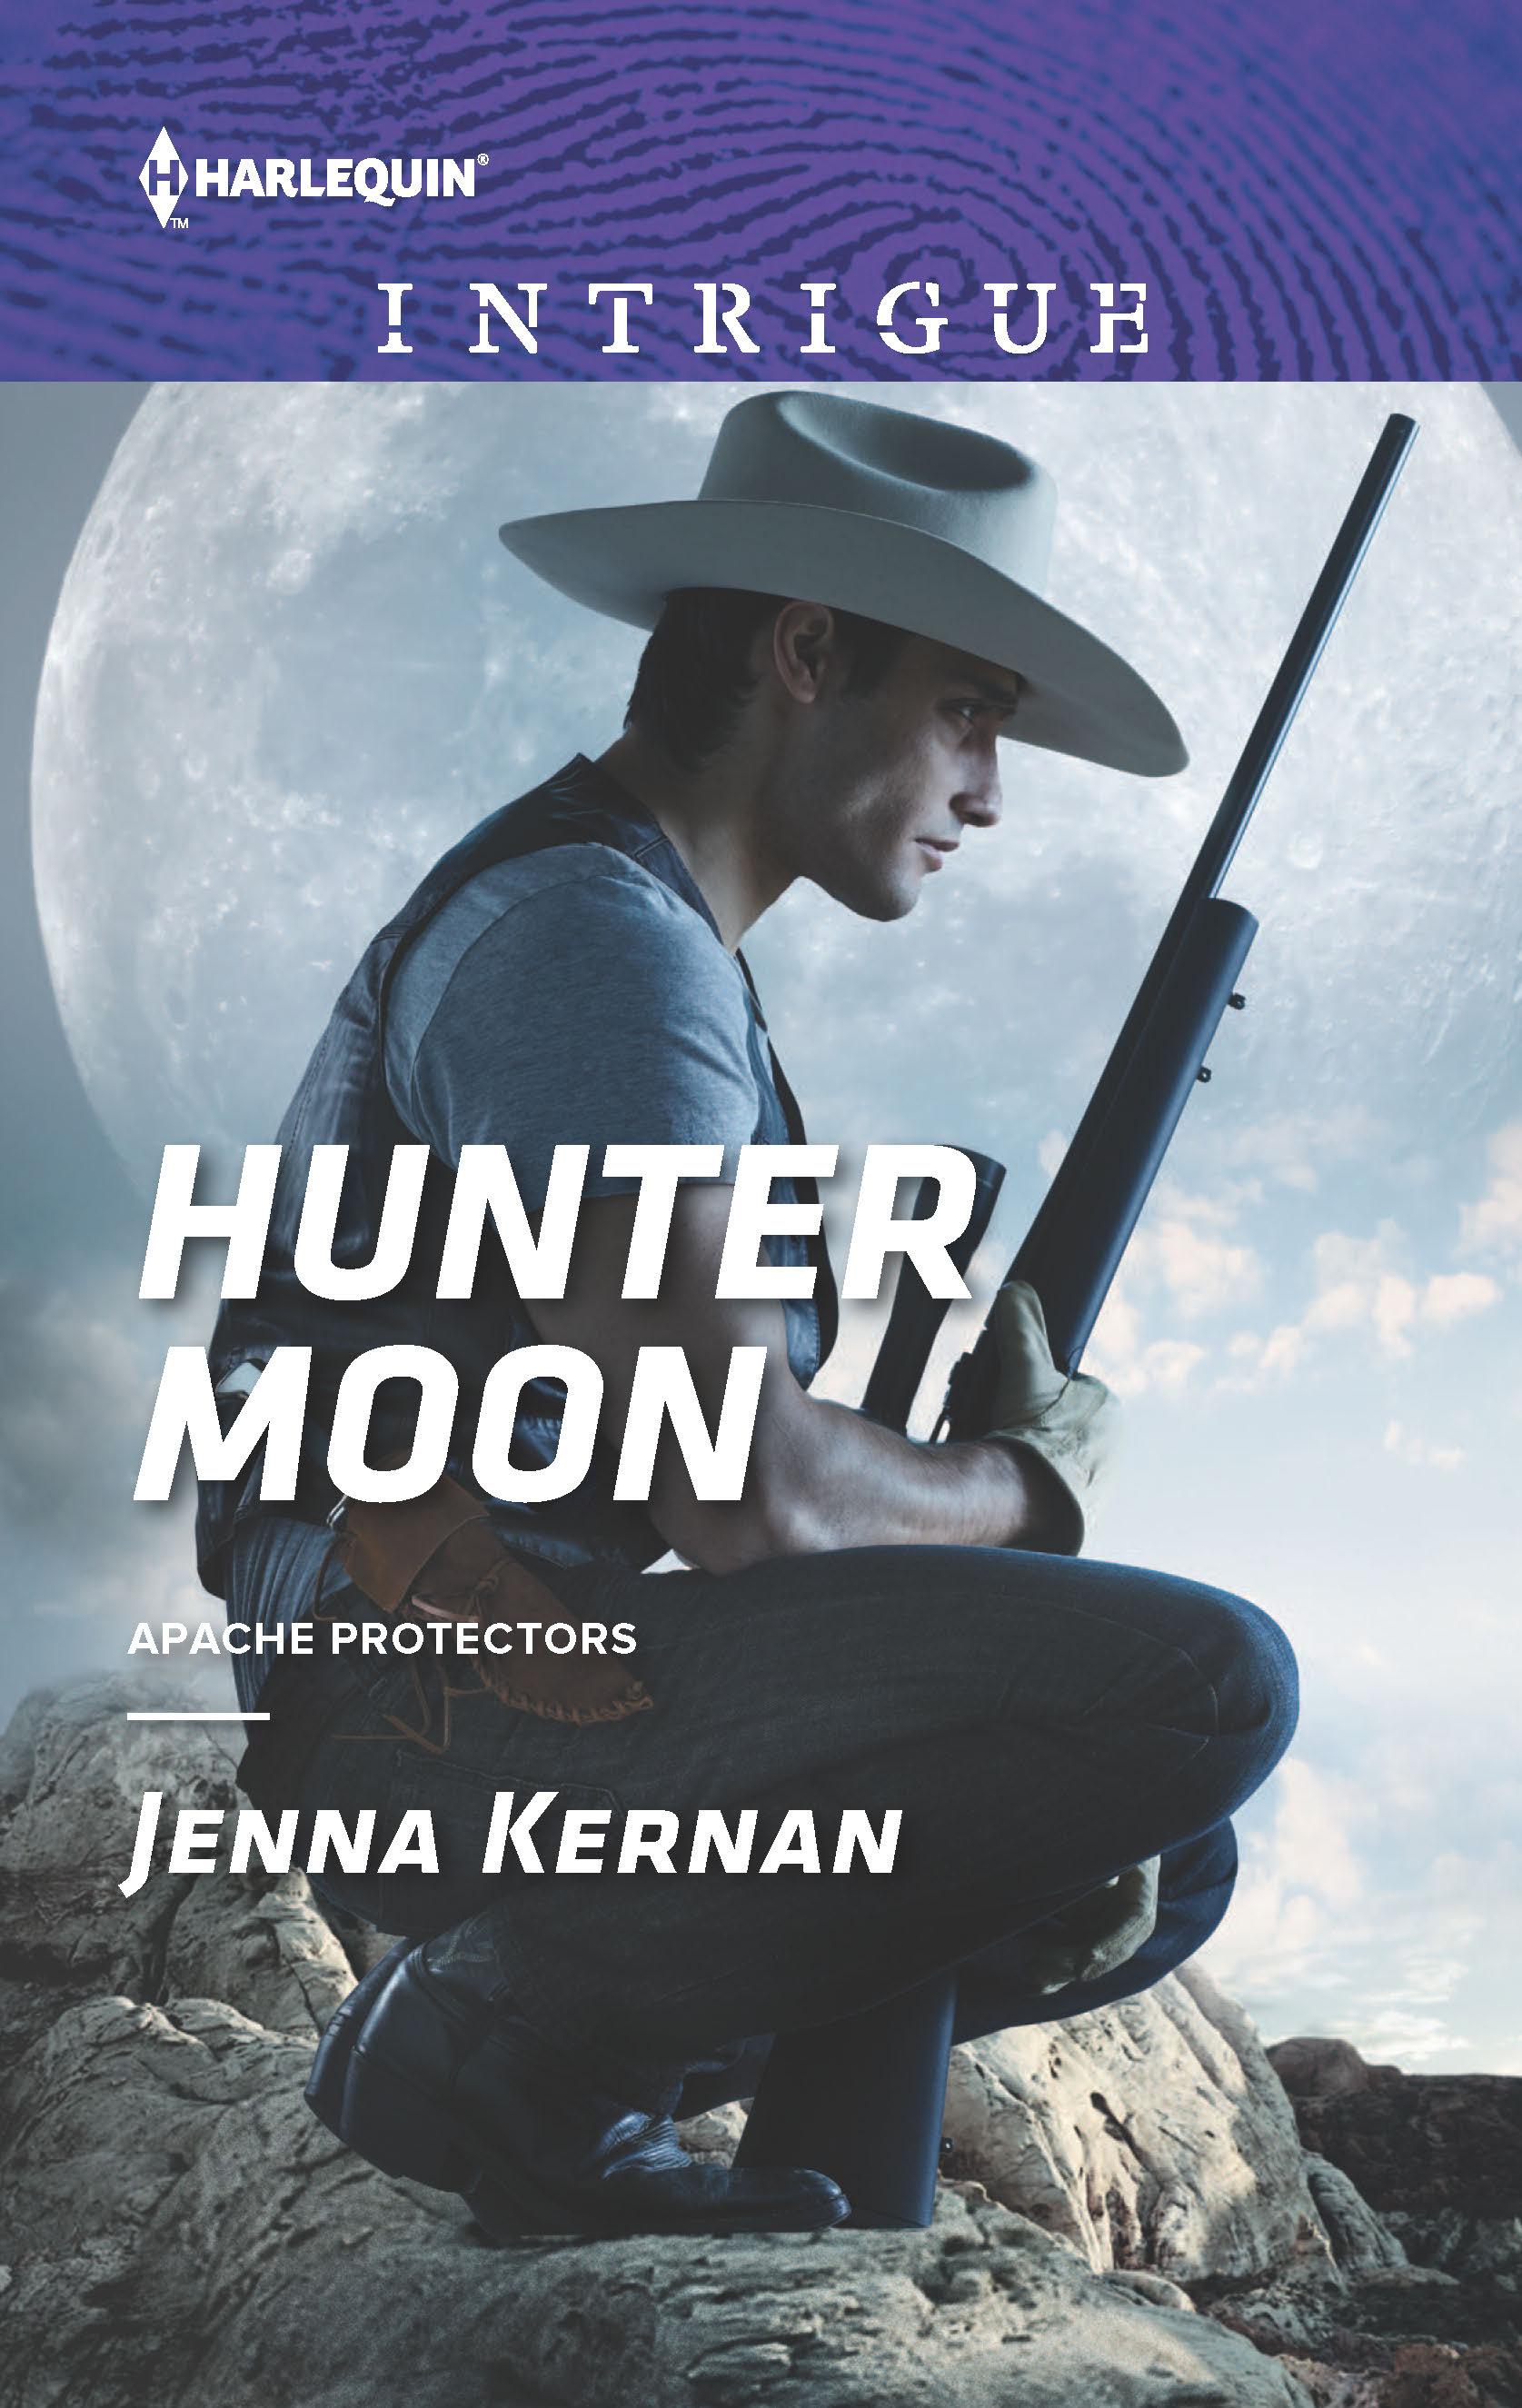 Hunter Moon by Jenna Kernan